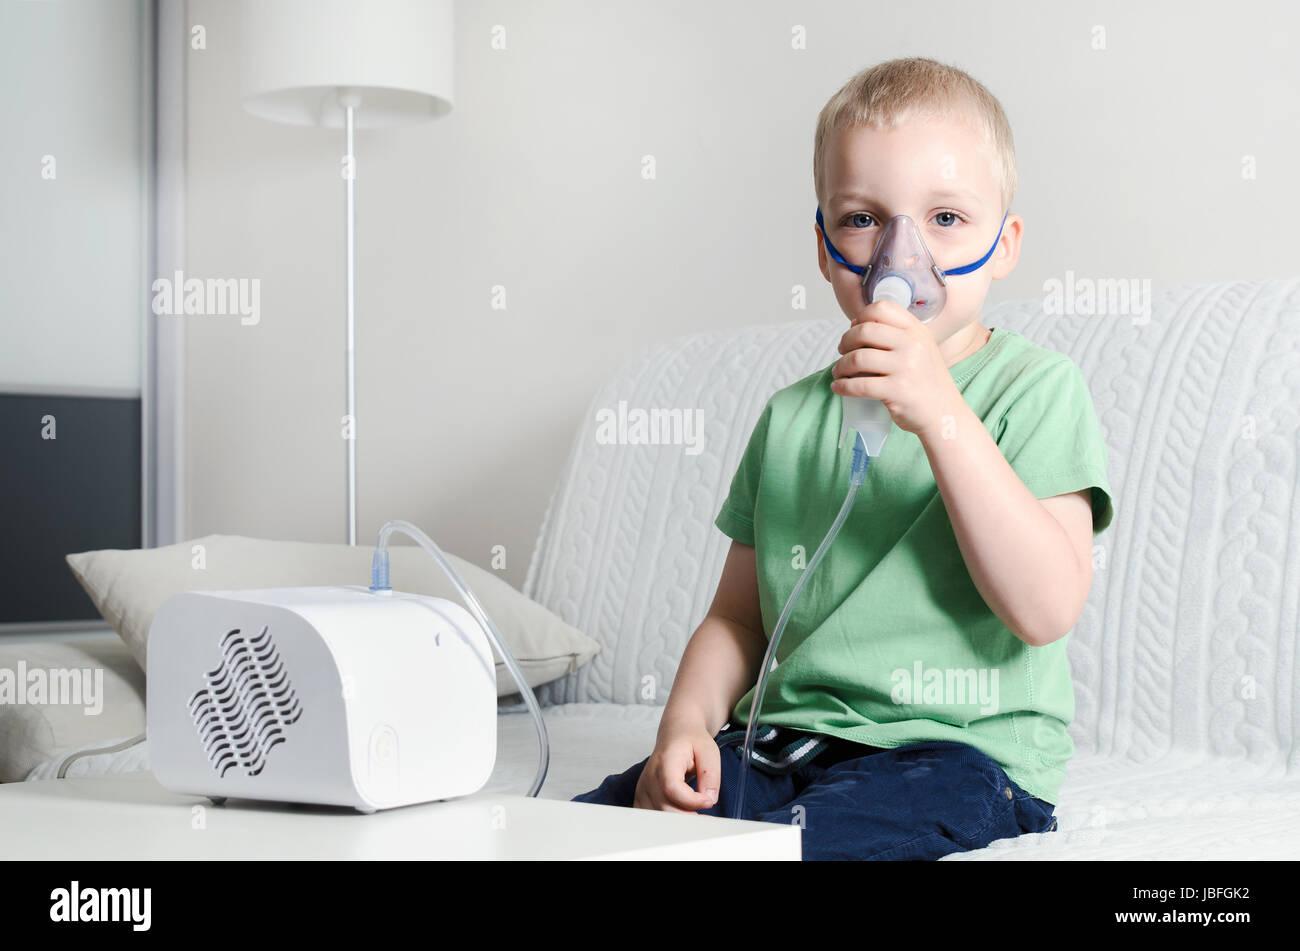 Boy making inhalation with nebulizer at home  child asthma inhaler